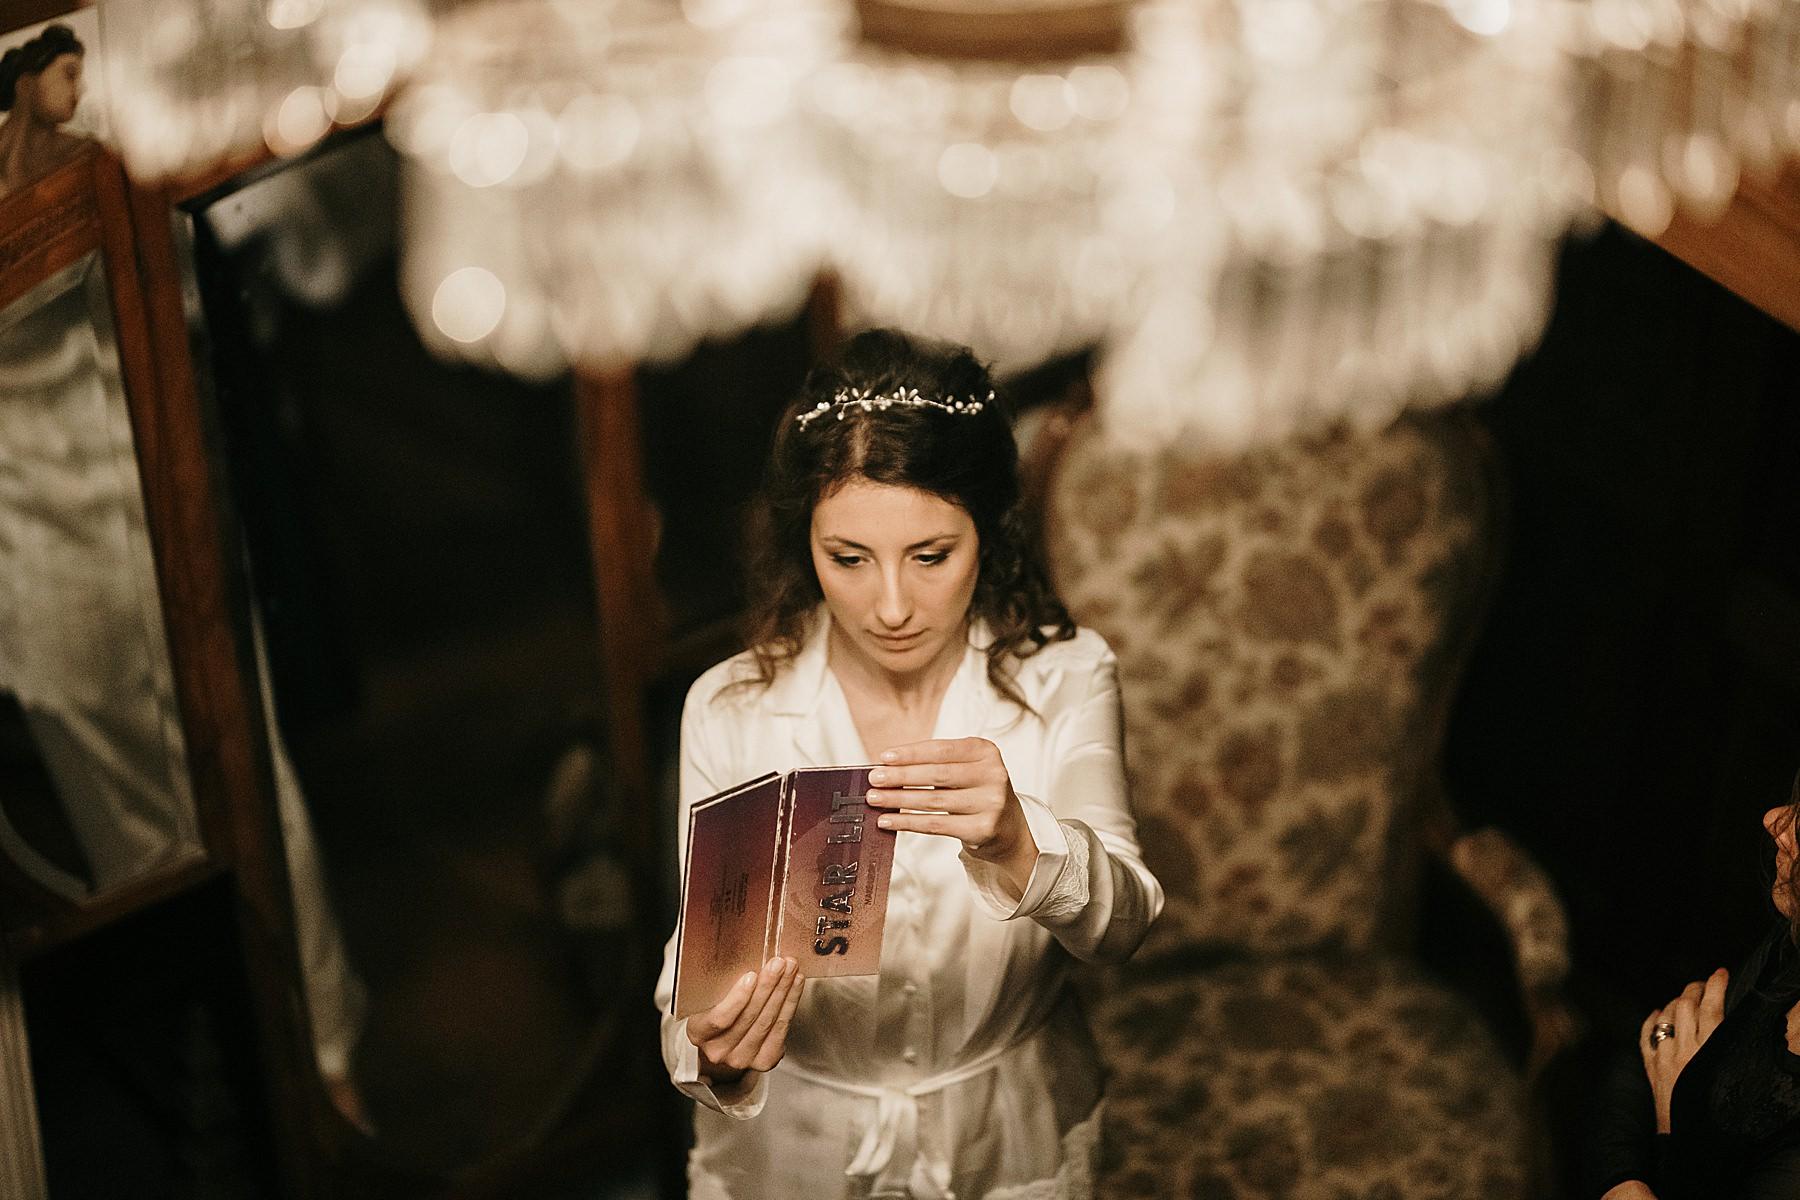 fotografia-di-matrimonio-a-firenze-in-inverno-714.JPG